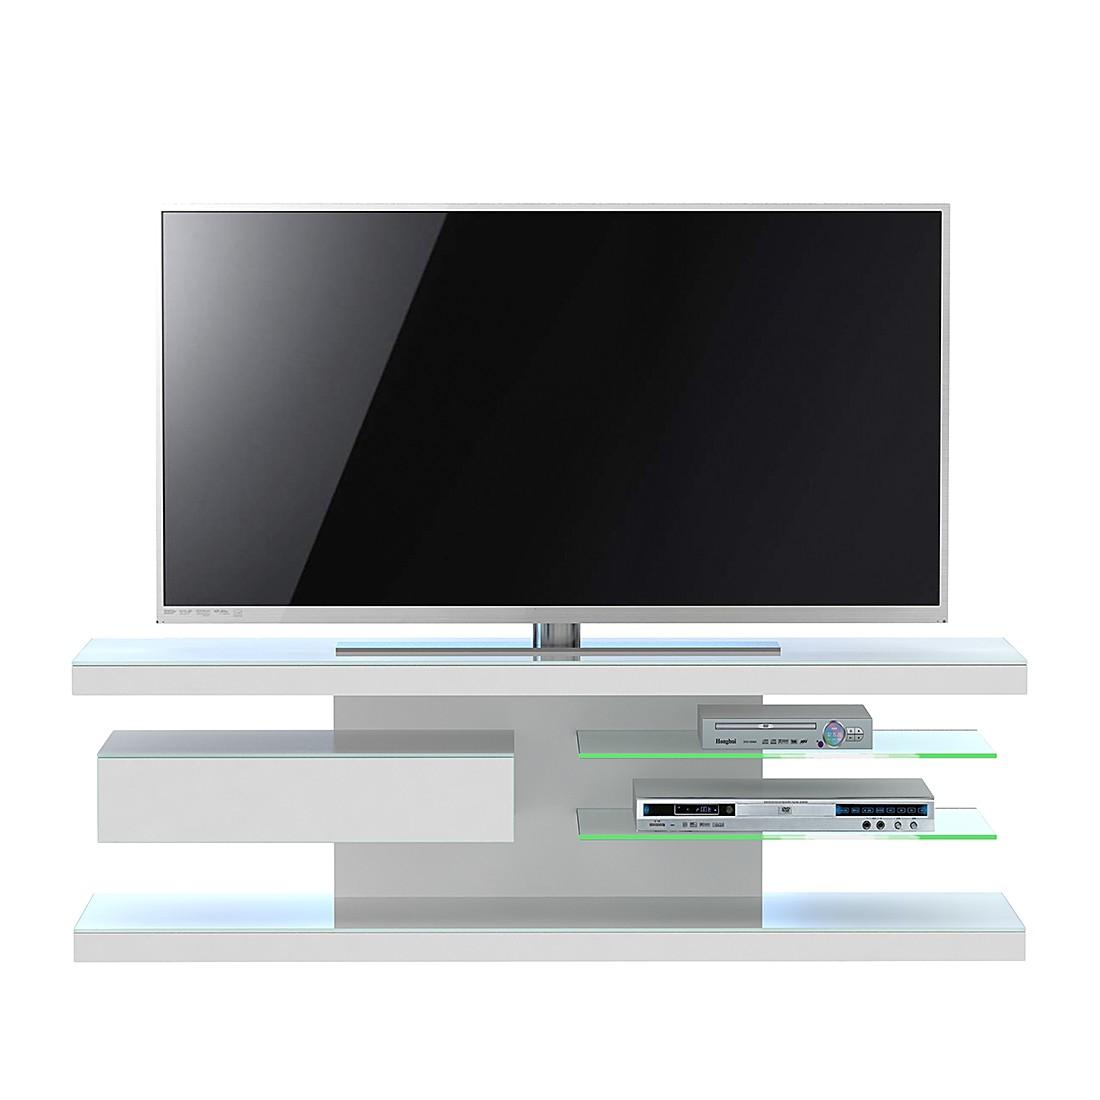 Meuble TV SL 660 - Avec éclairage - Blanc mat, Jahnke